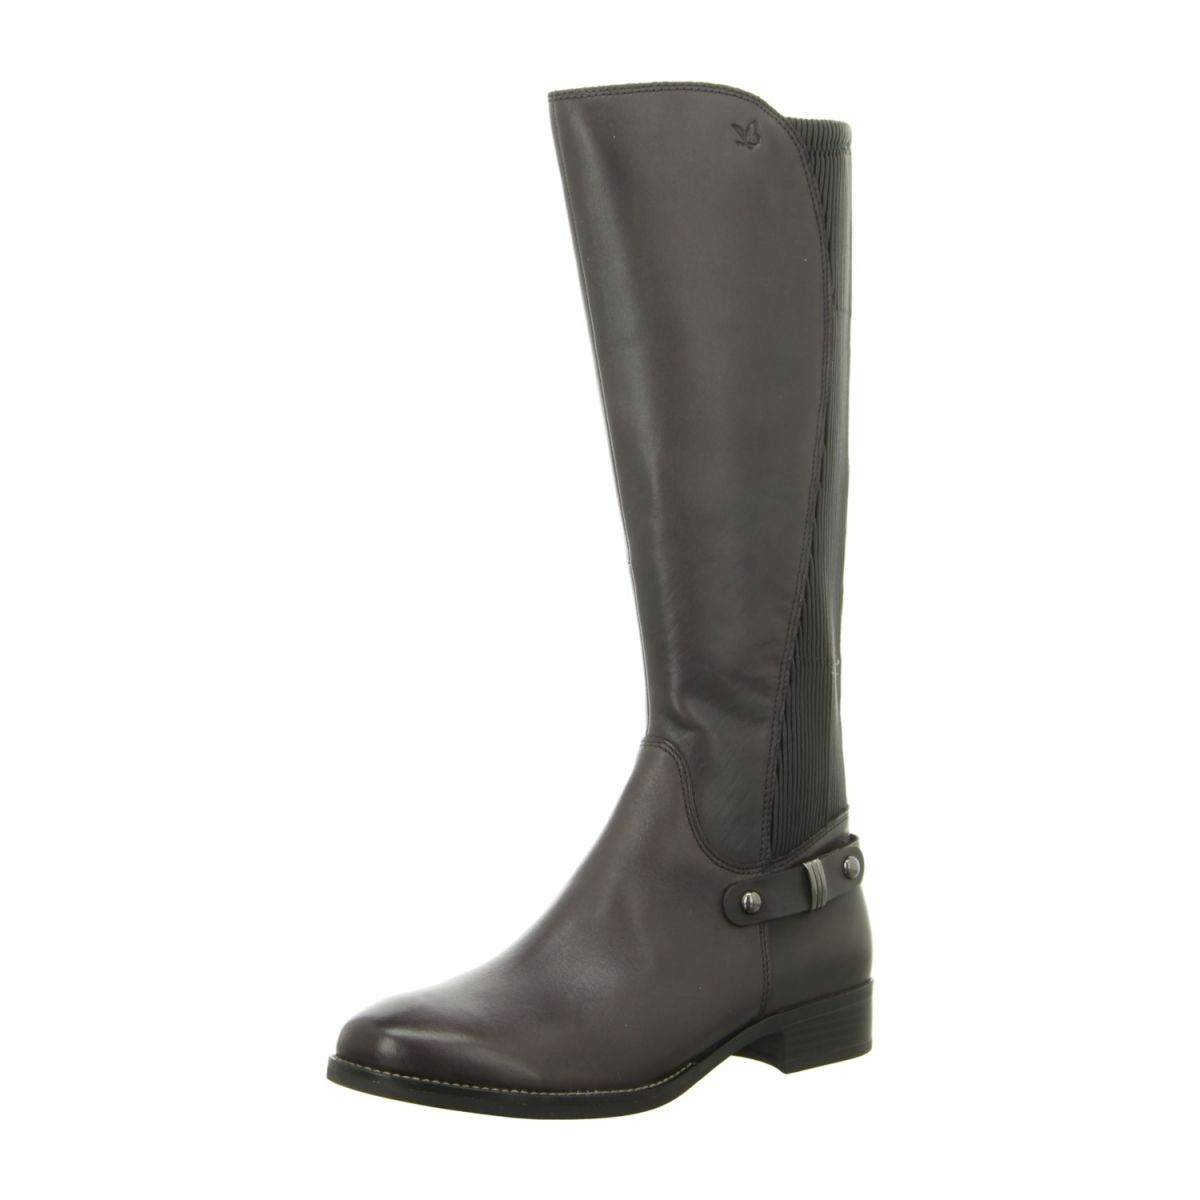 Caprice Stiefel schwarz | Markenschuhe